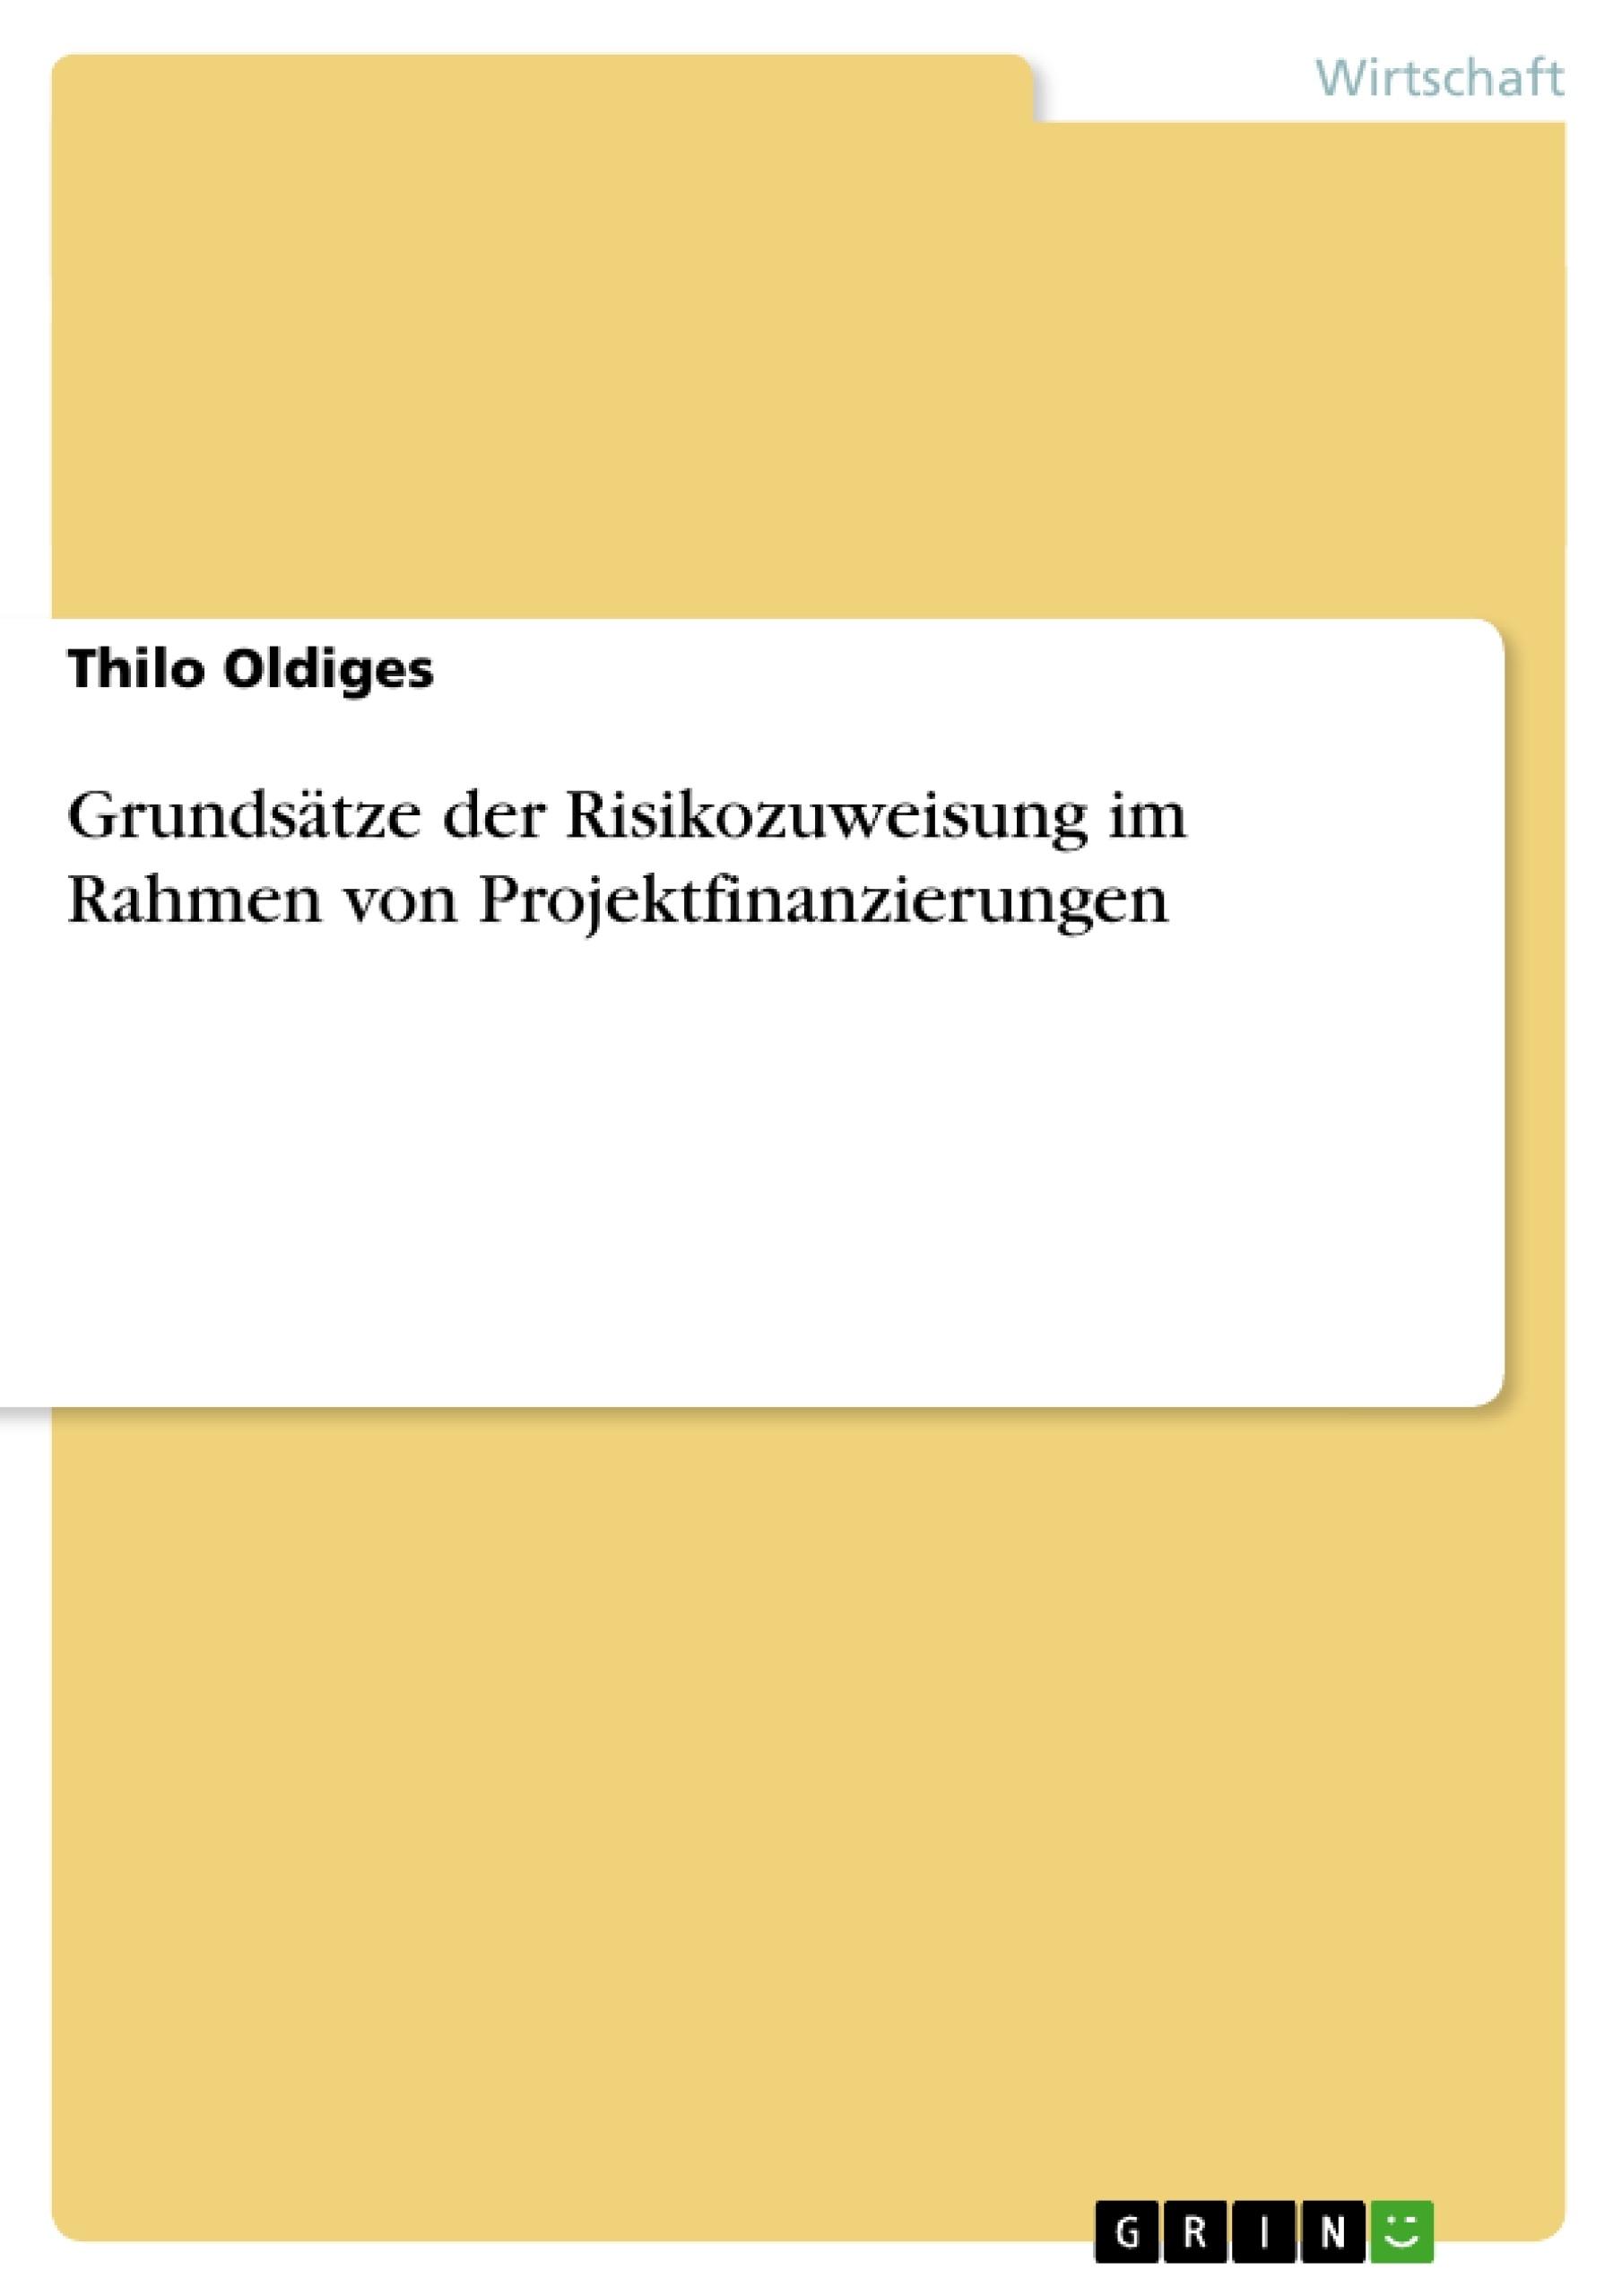 Titel: Grundsätze der Risikozuweisung im Rahmen von Projektfinanzierungen